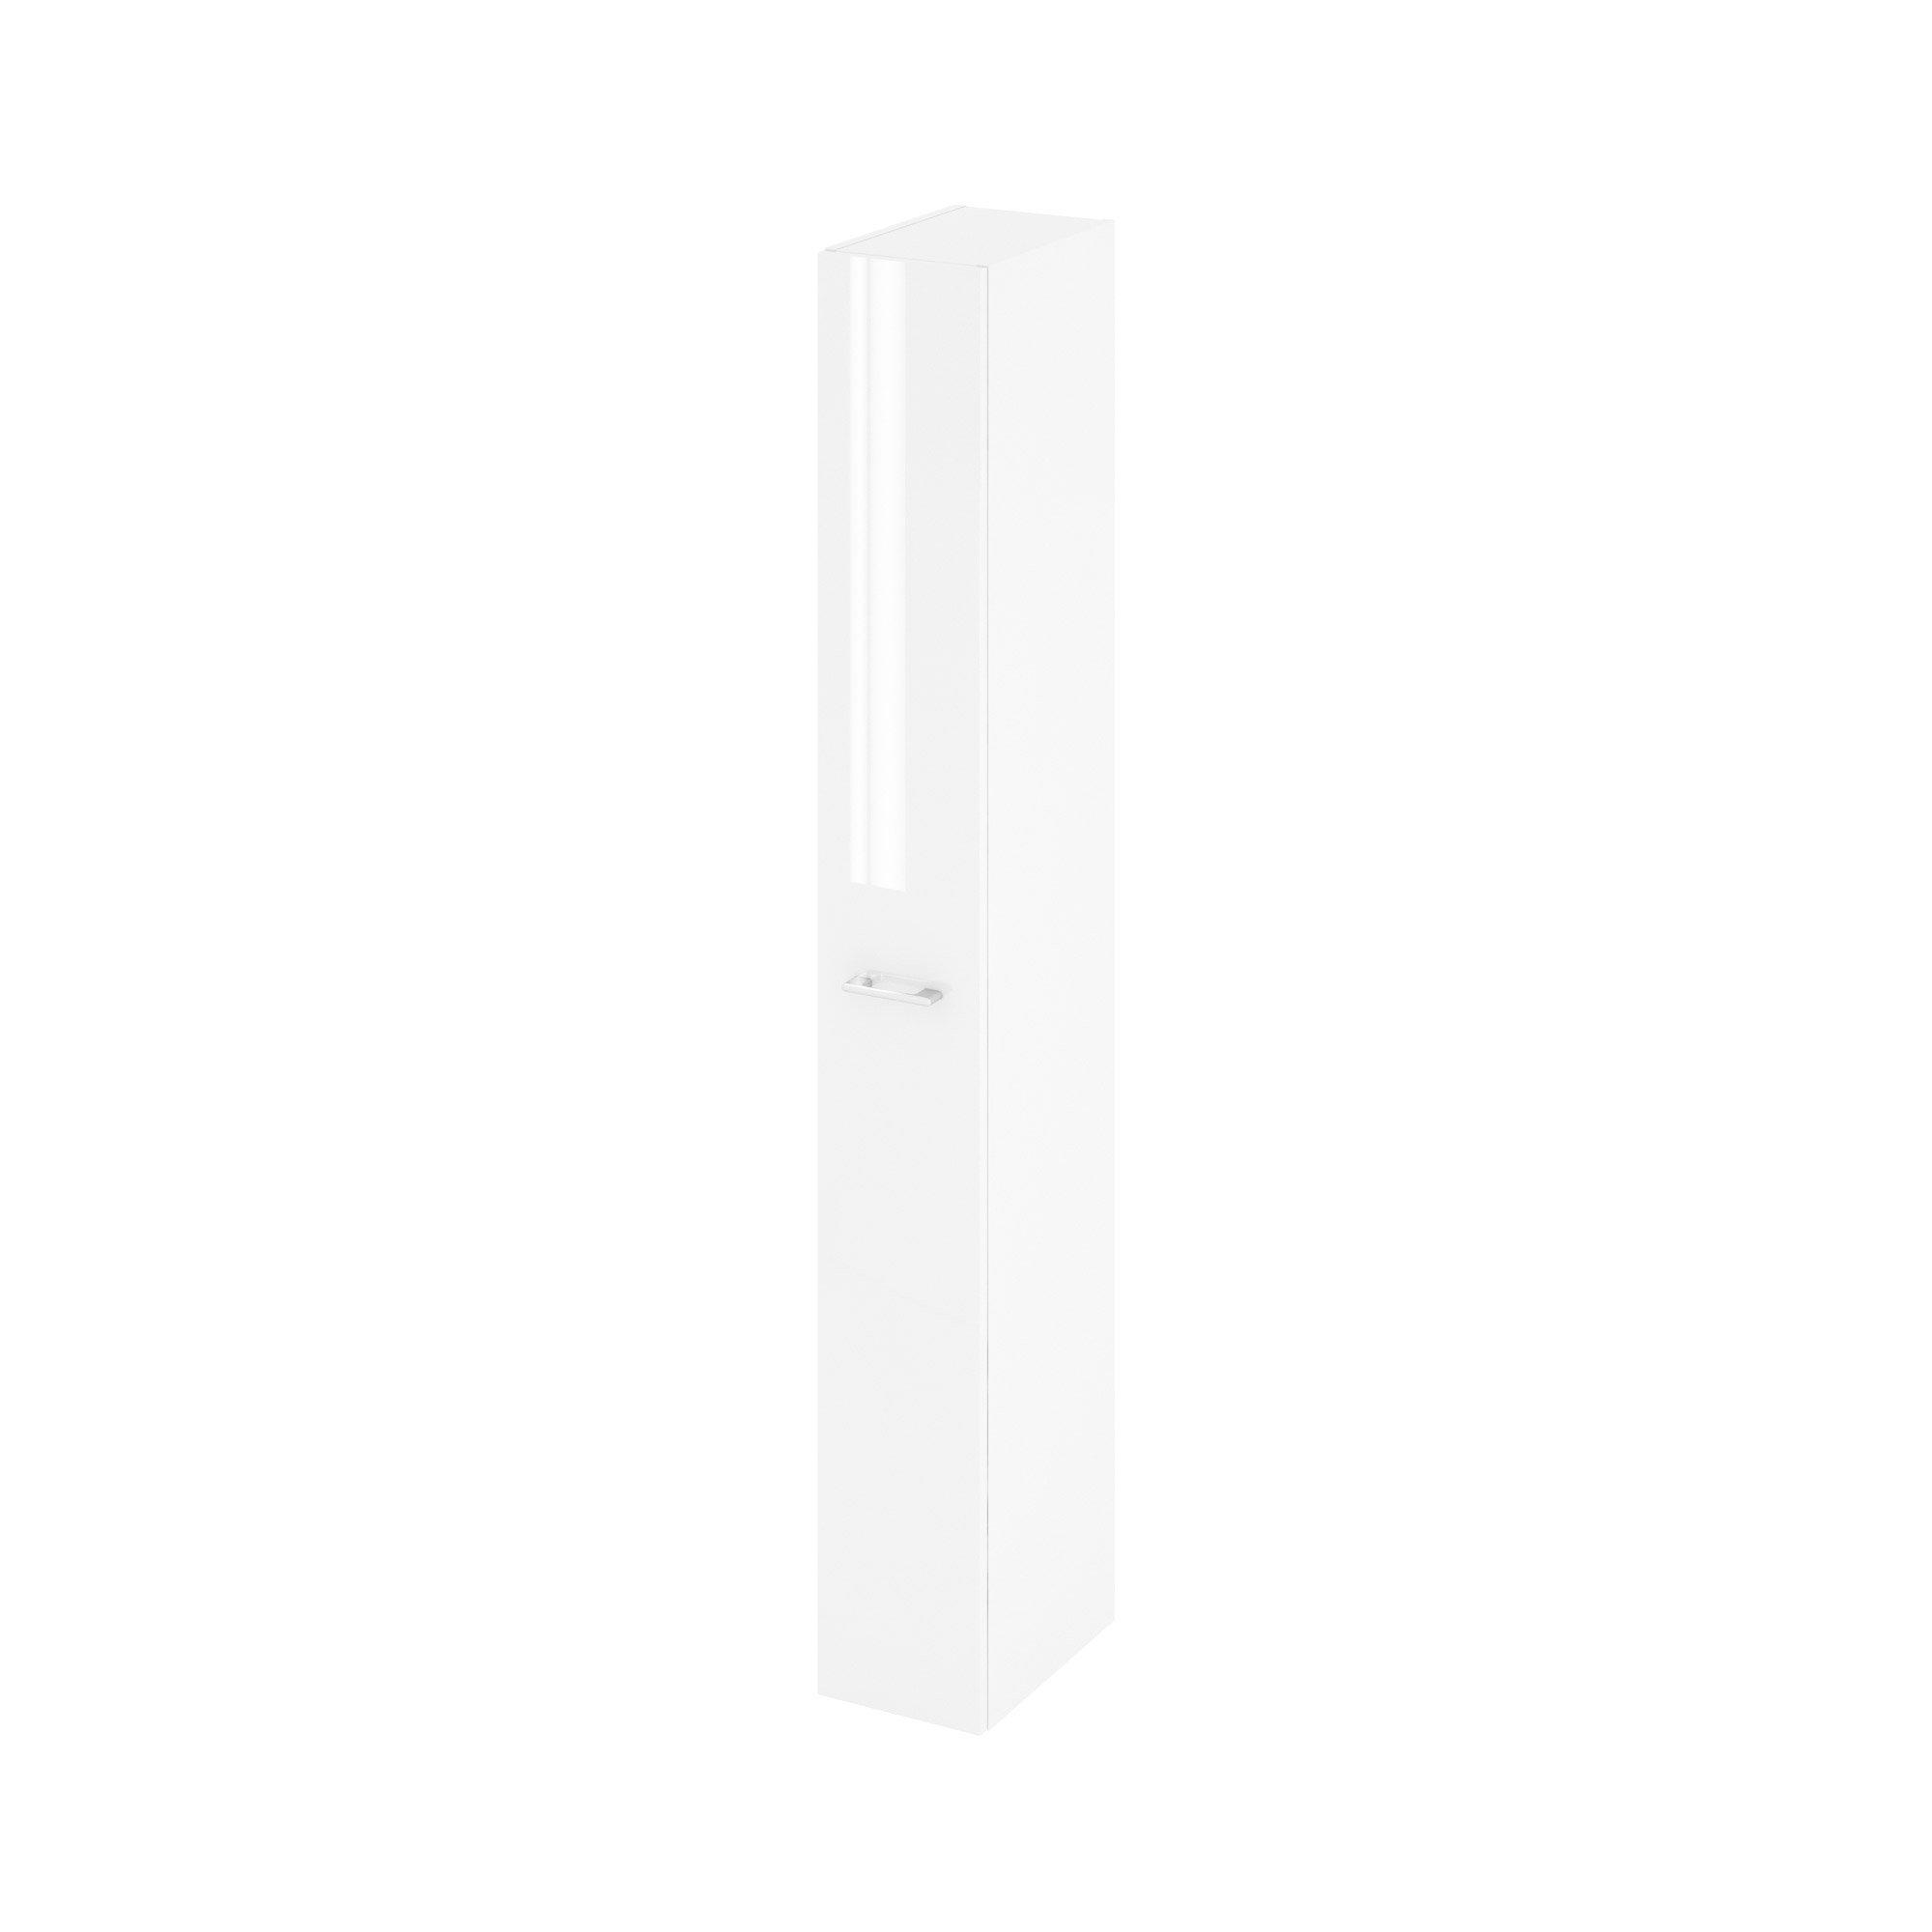 Colonne de salle de bains l.16 x H.16 x P.16.16 cm, blanc, Remix